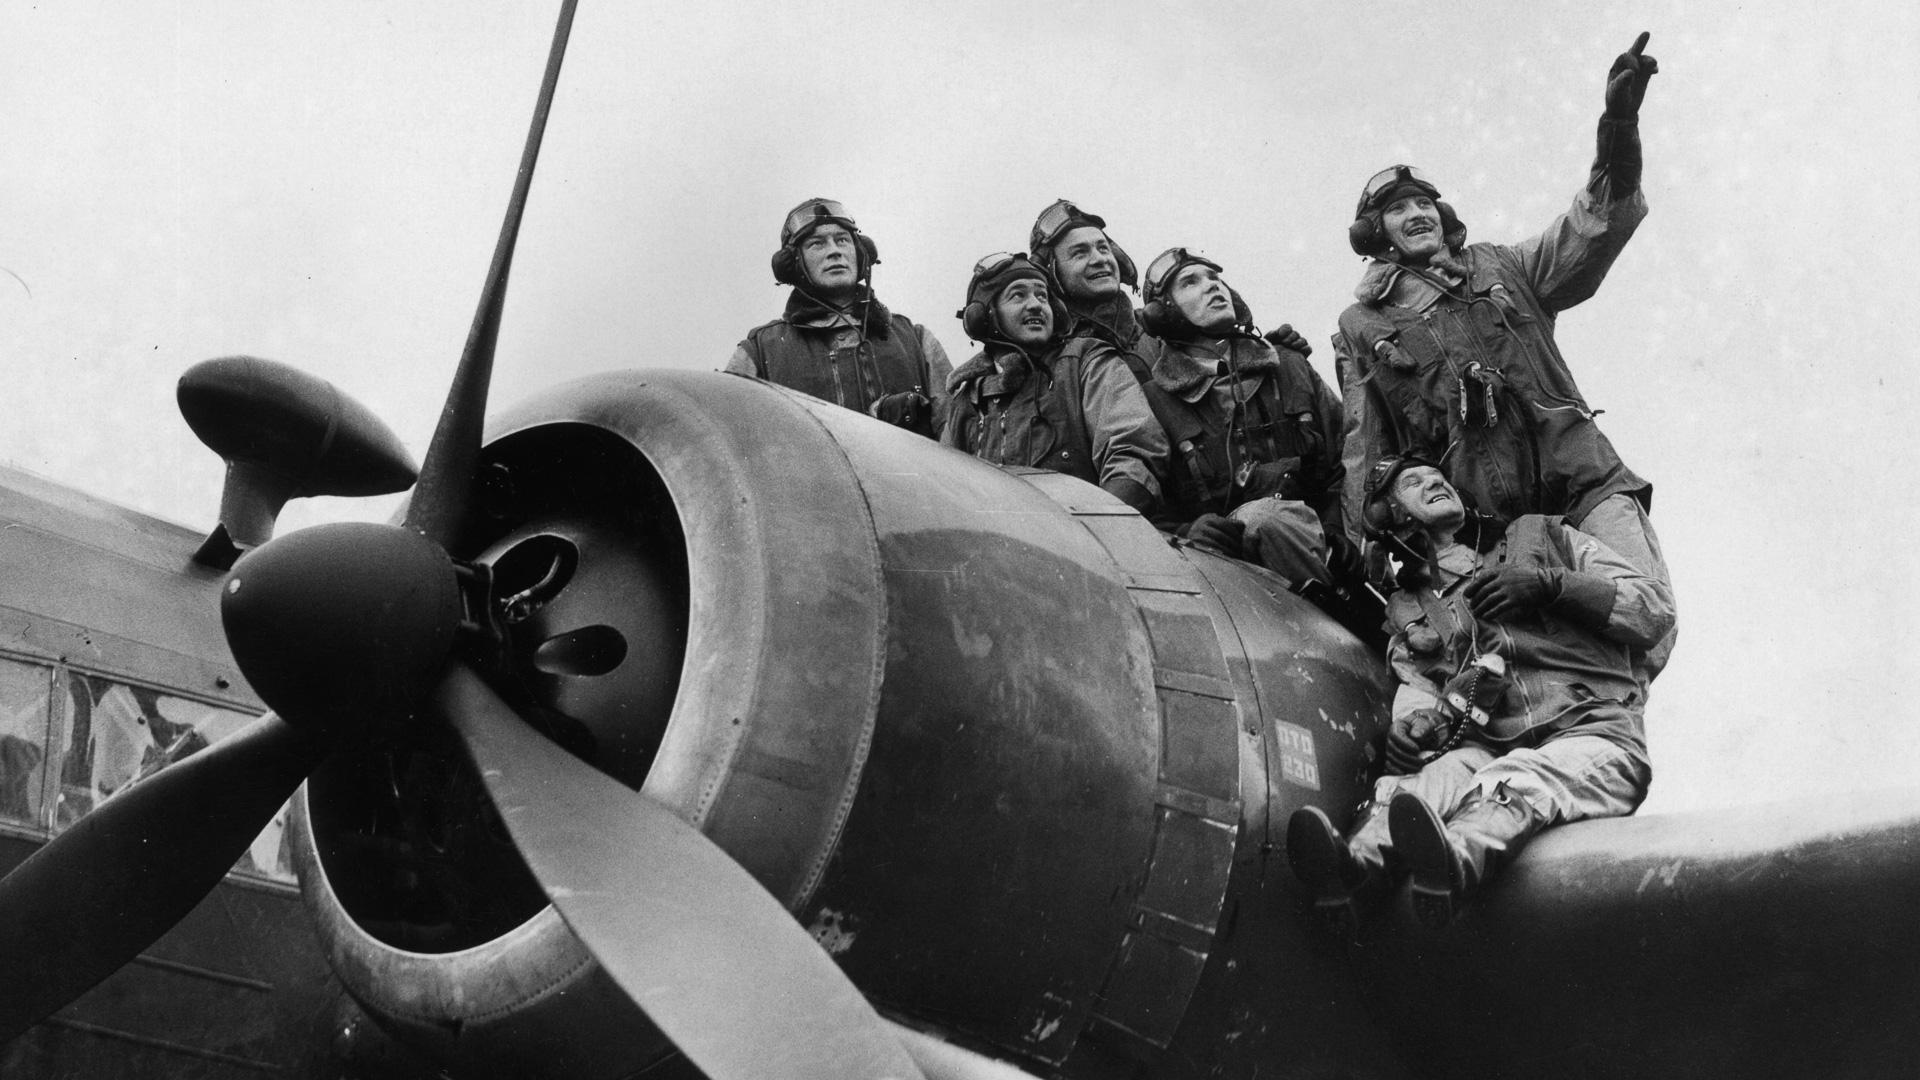 Polish airmen, World War II